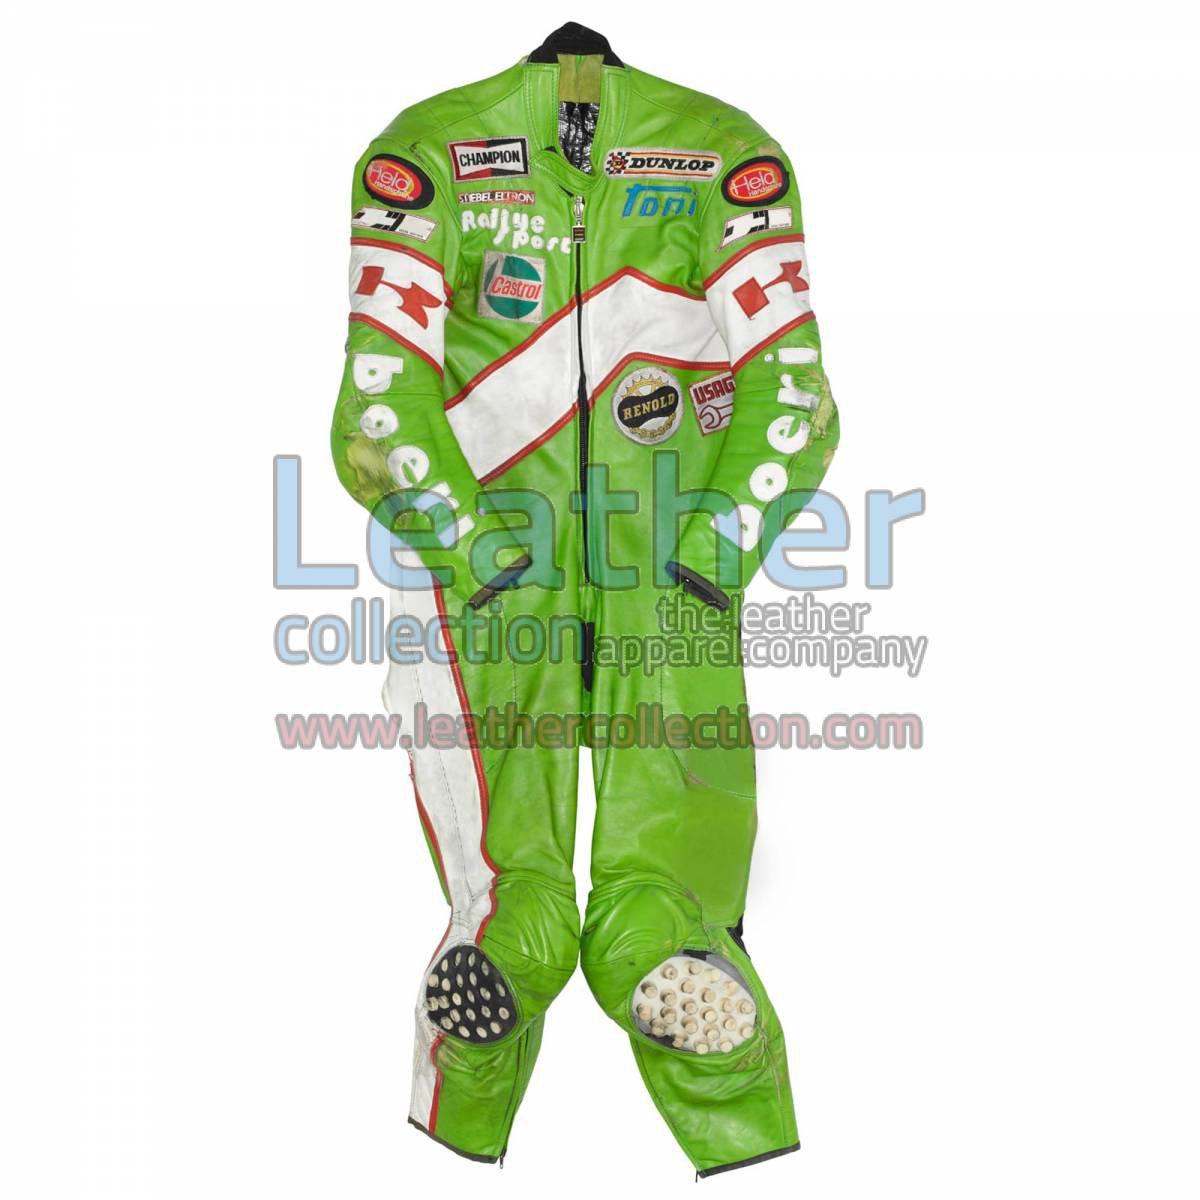 Toni Mang Kawasaki GP 1981 Leathers